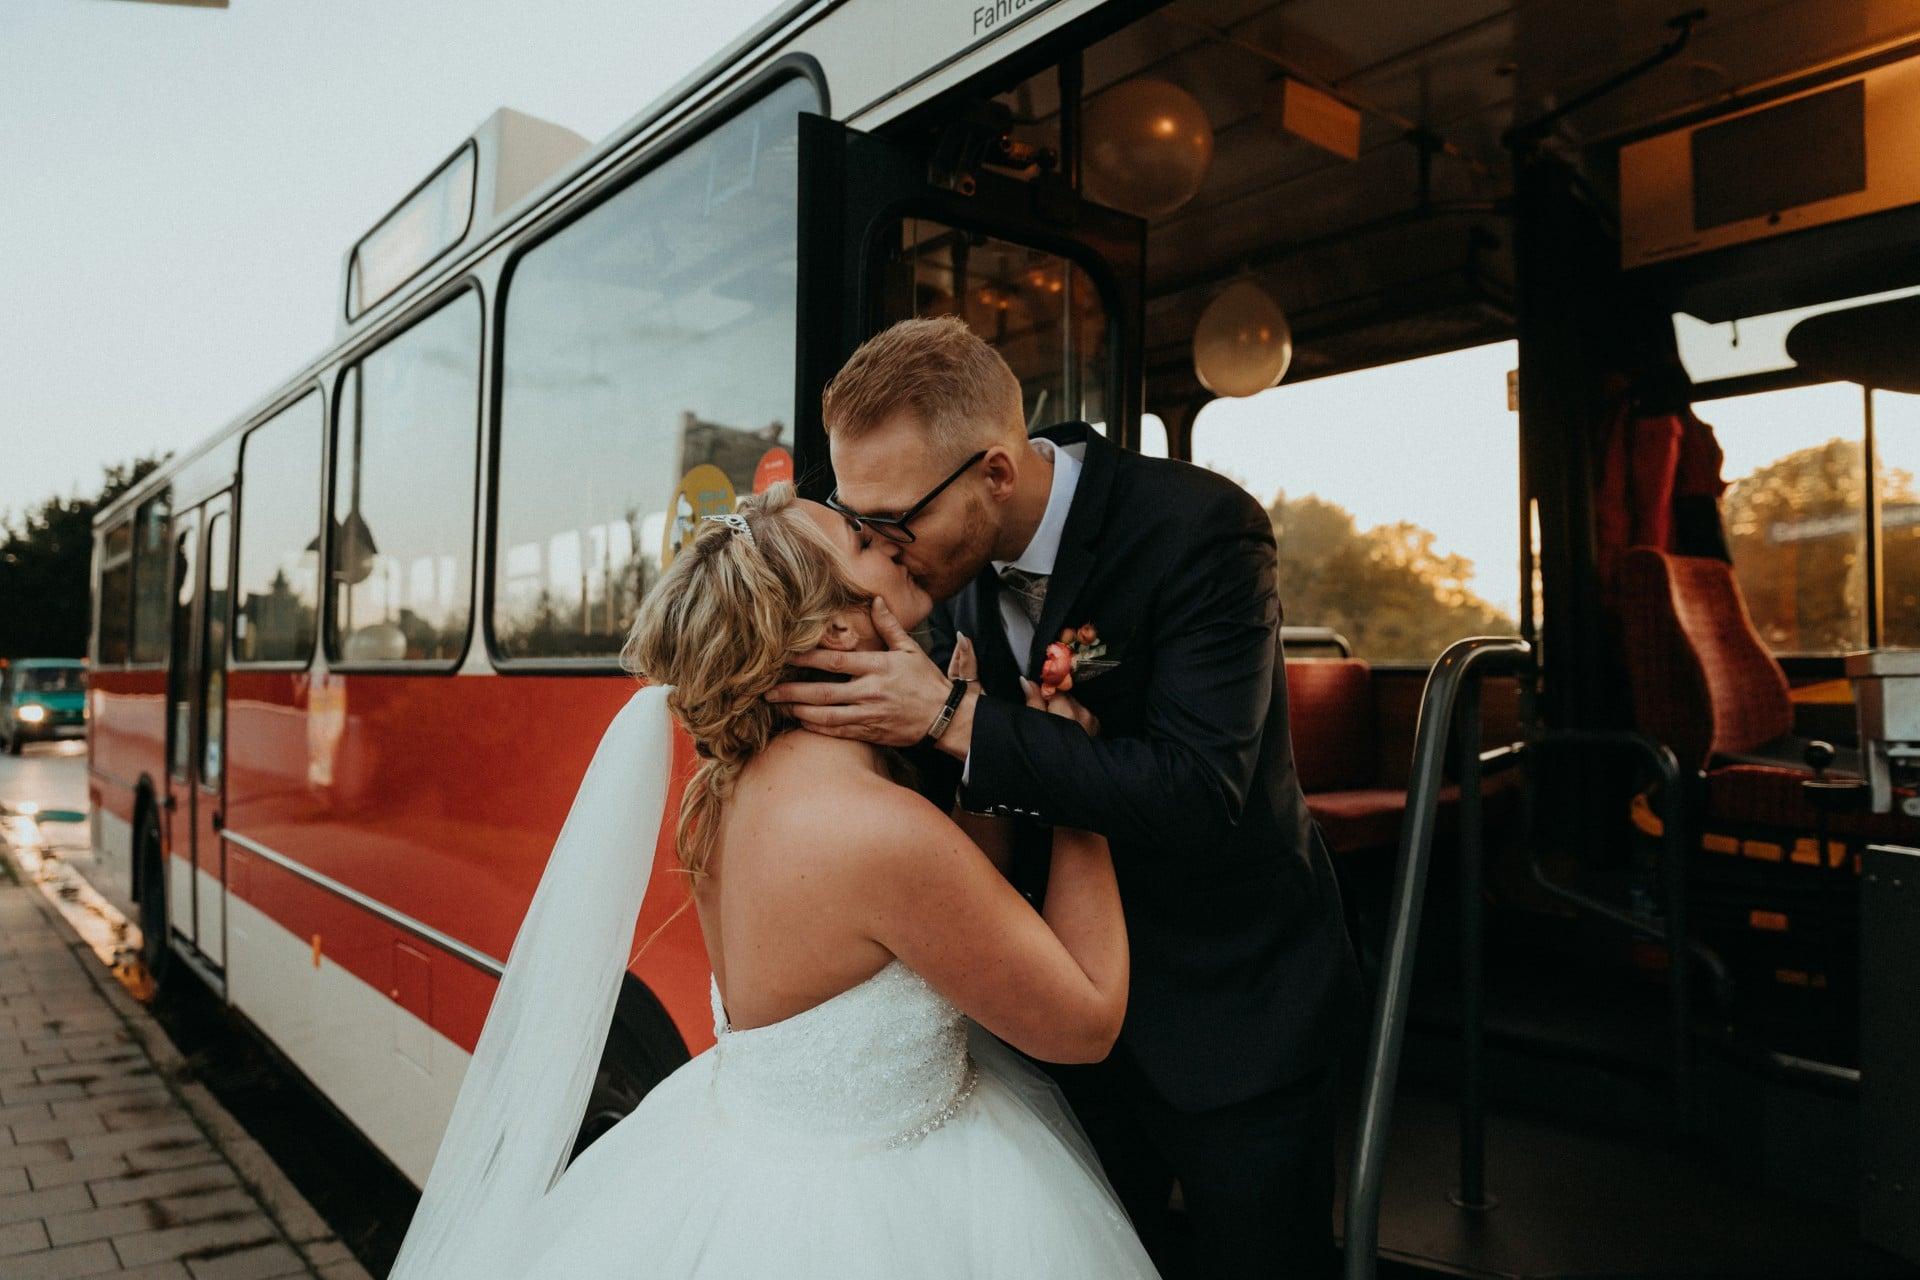 1273-DUC-THIEN-PHOTOGRAPHY-Hochzeitsfotos-087QMN3h